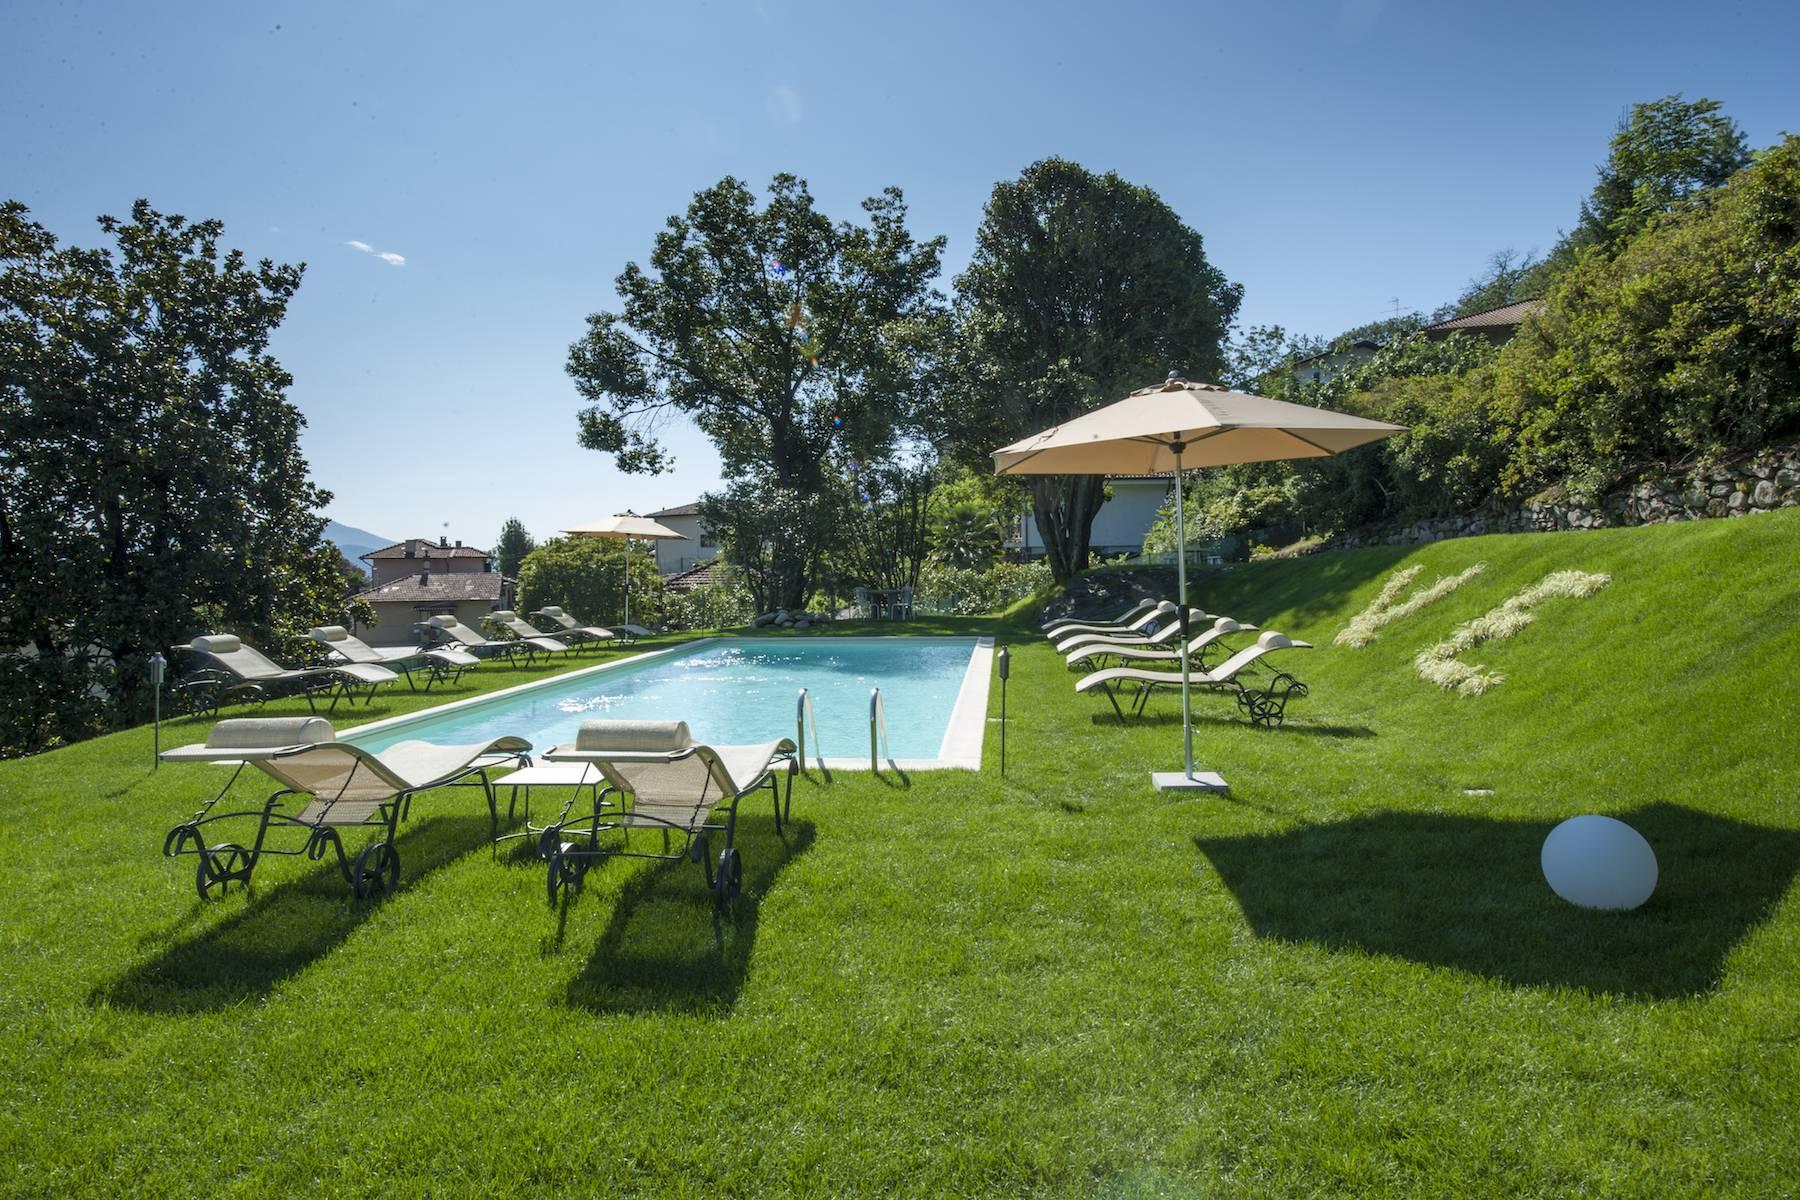 Villa in Affitto a Baveno via santa maria